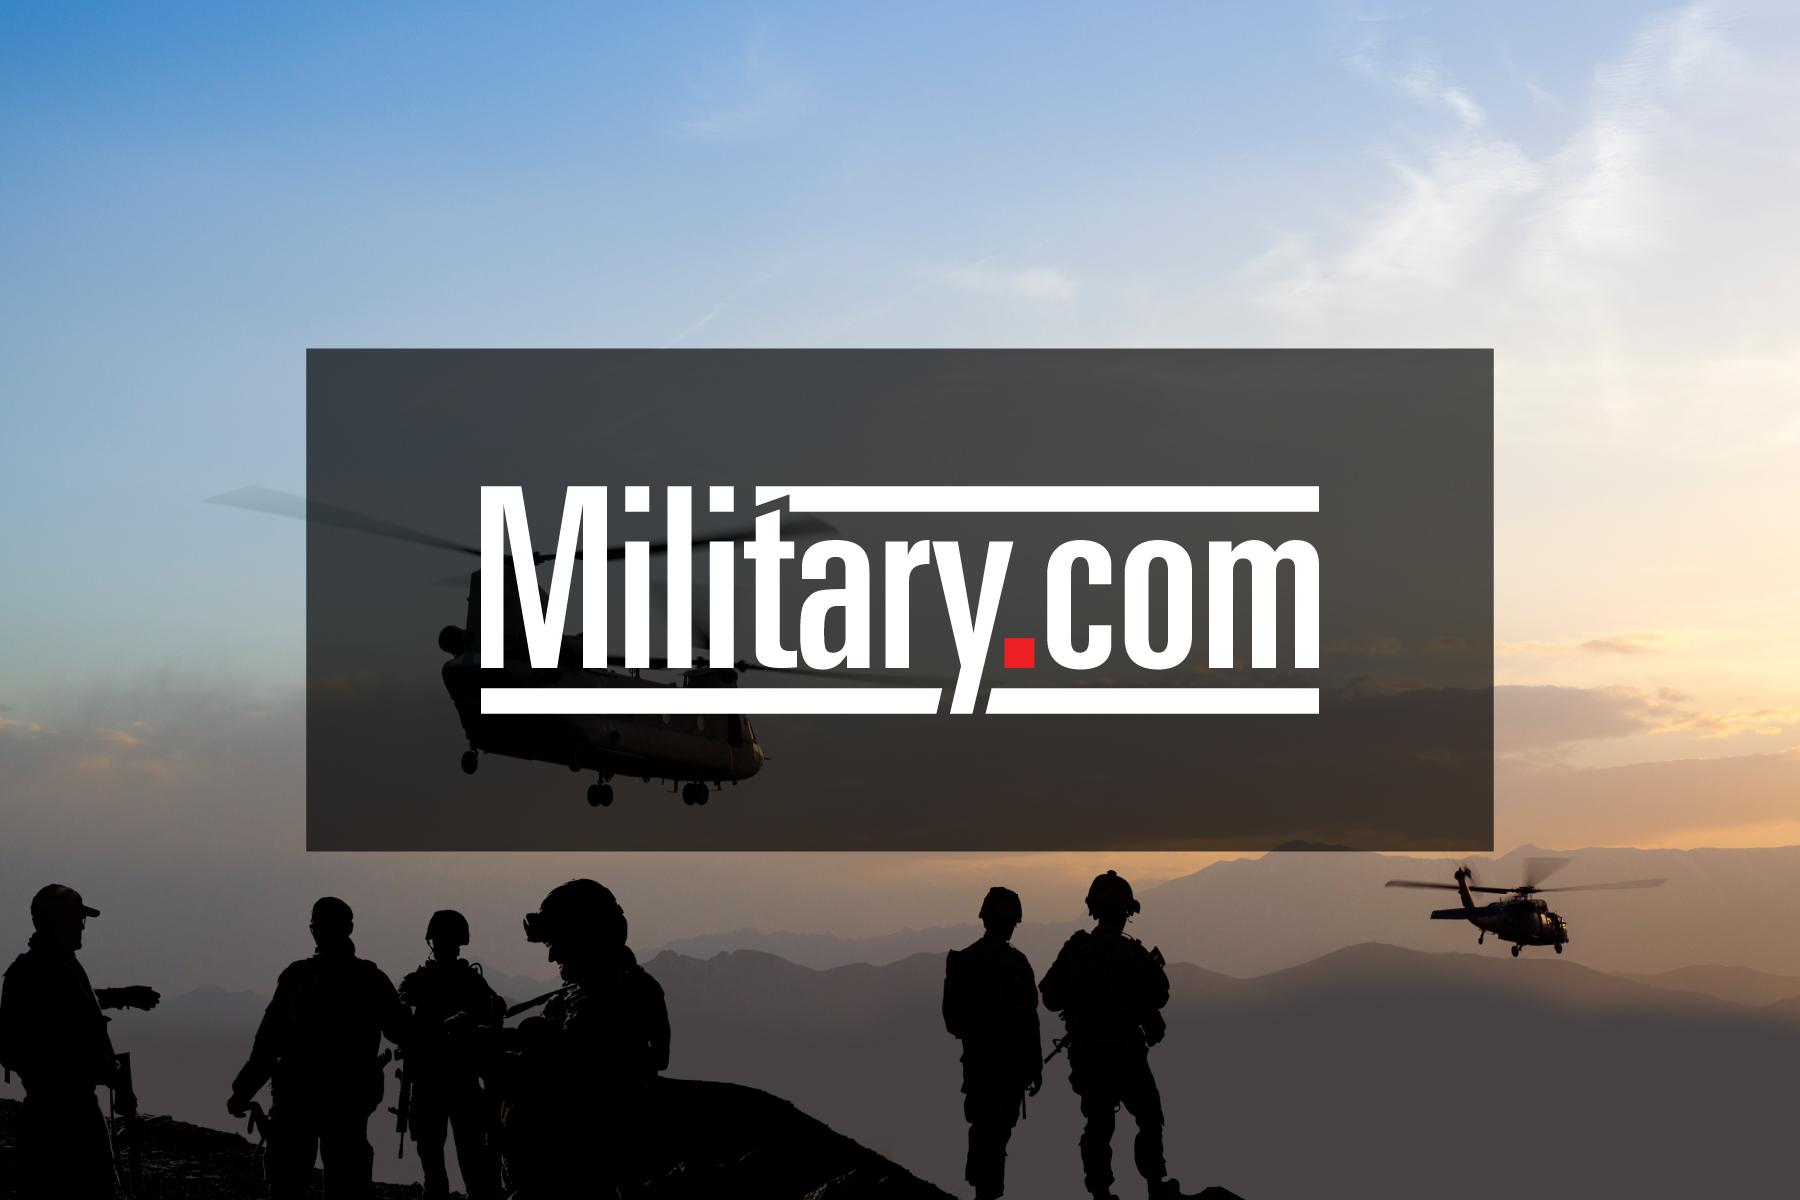 Top VA Committee Democrats Accelerated ER Reimbursements to Veterans